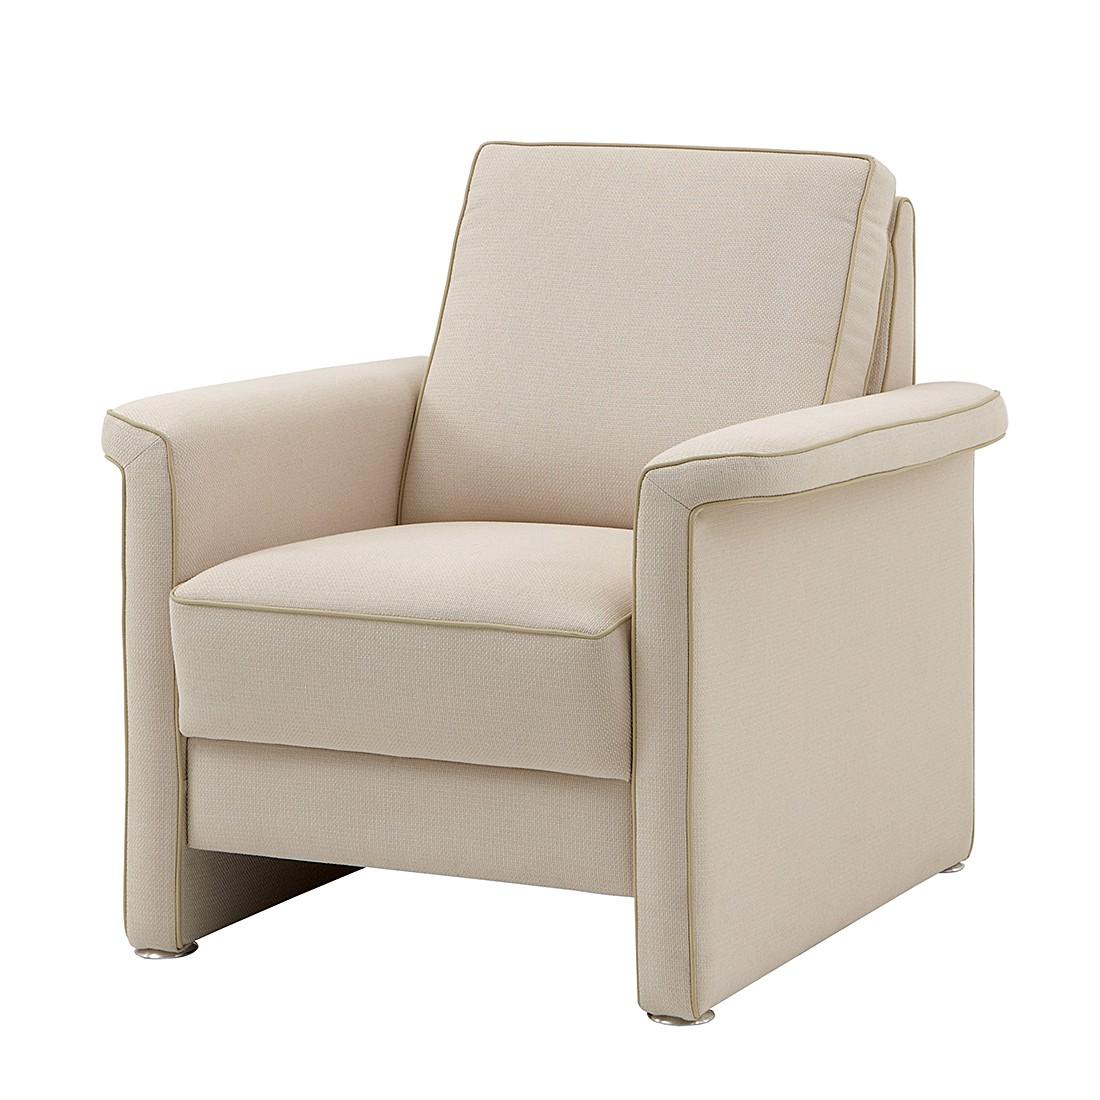 Sessel Boston – Webstoff Creme, Modoform jetzt kaufen